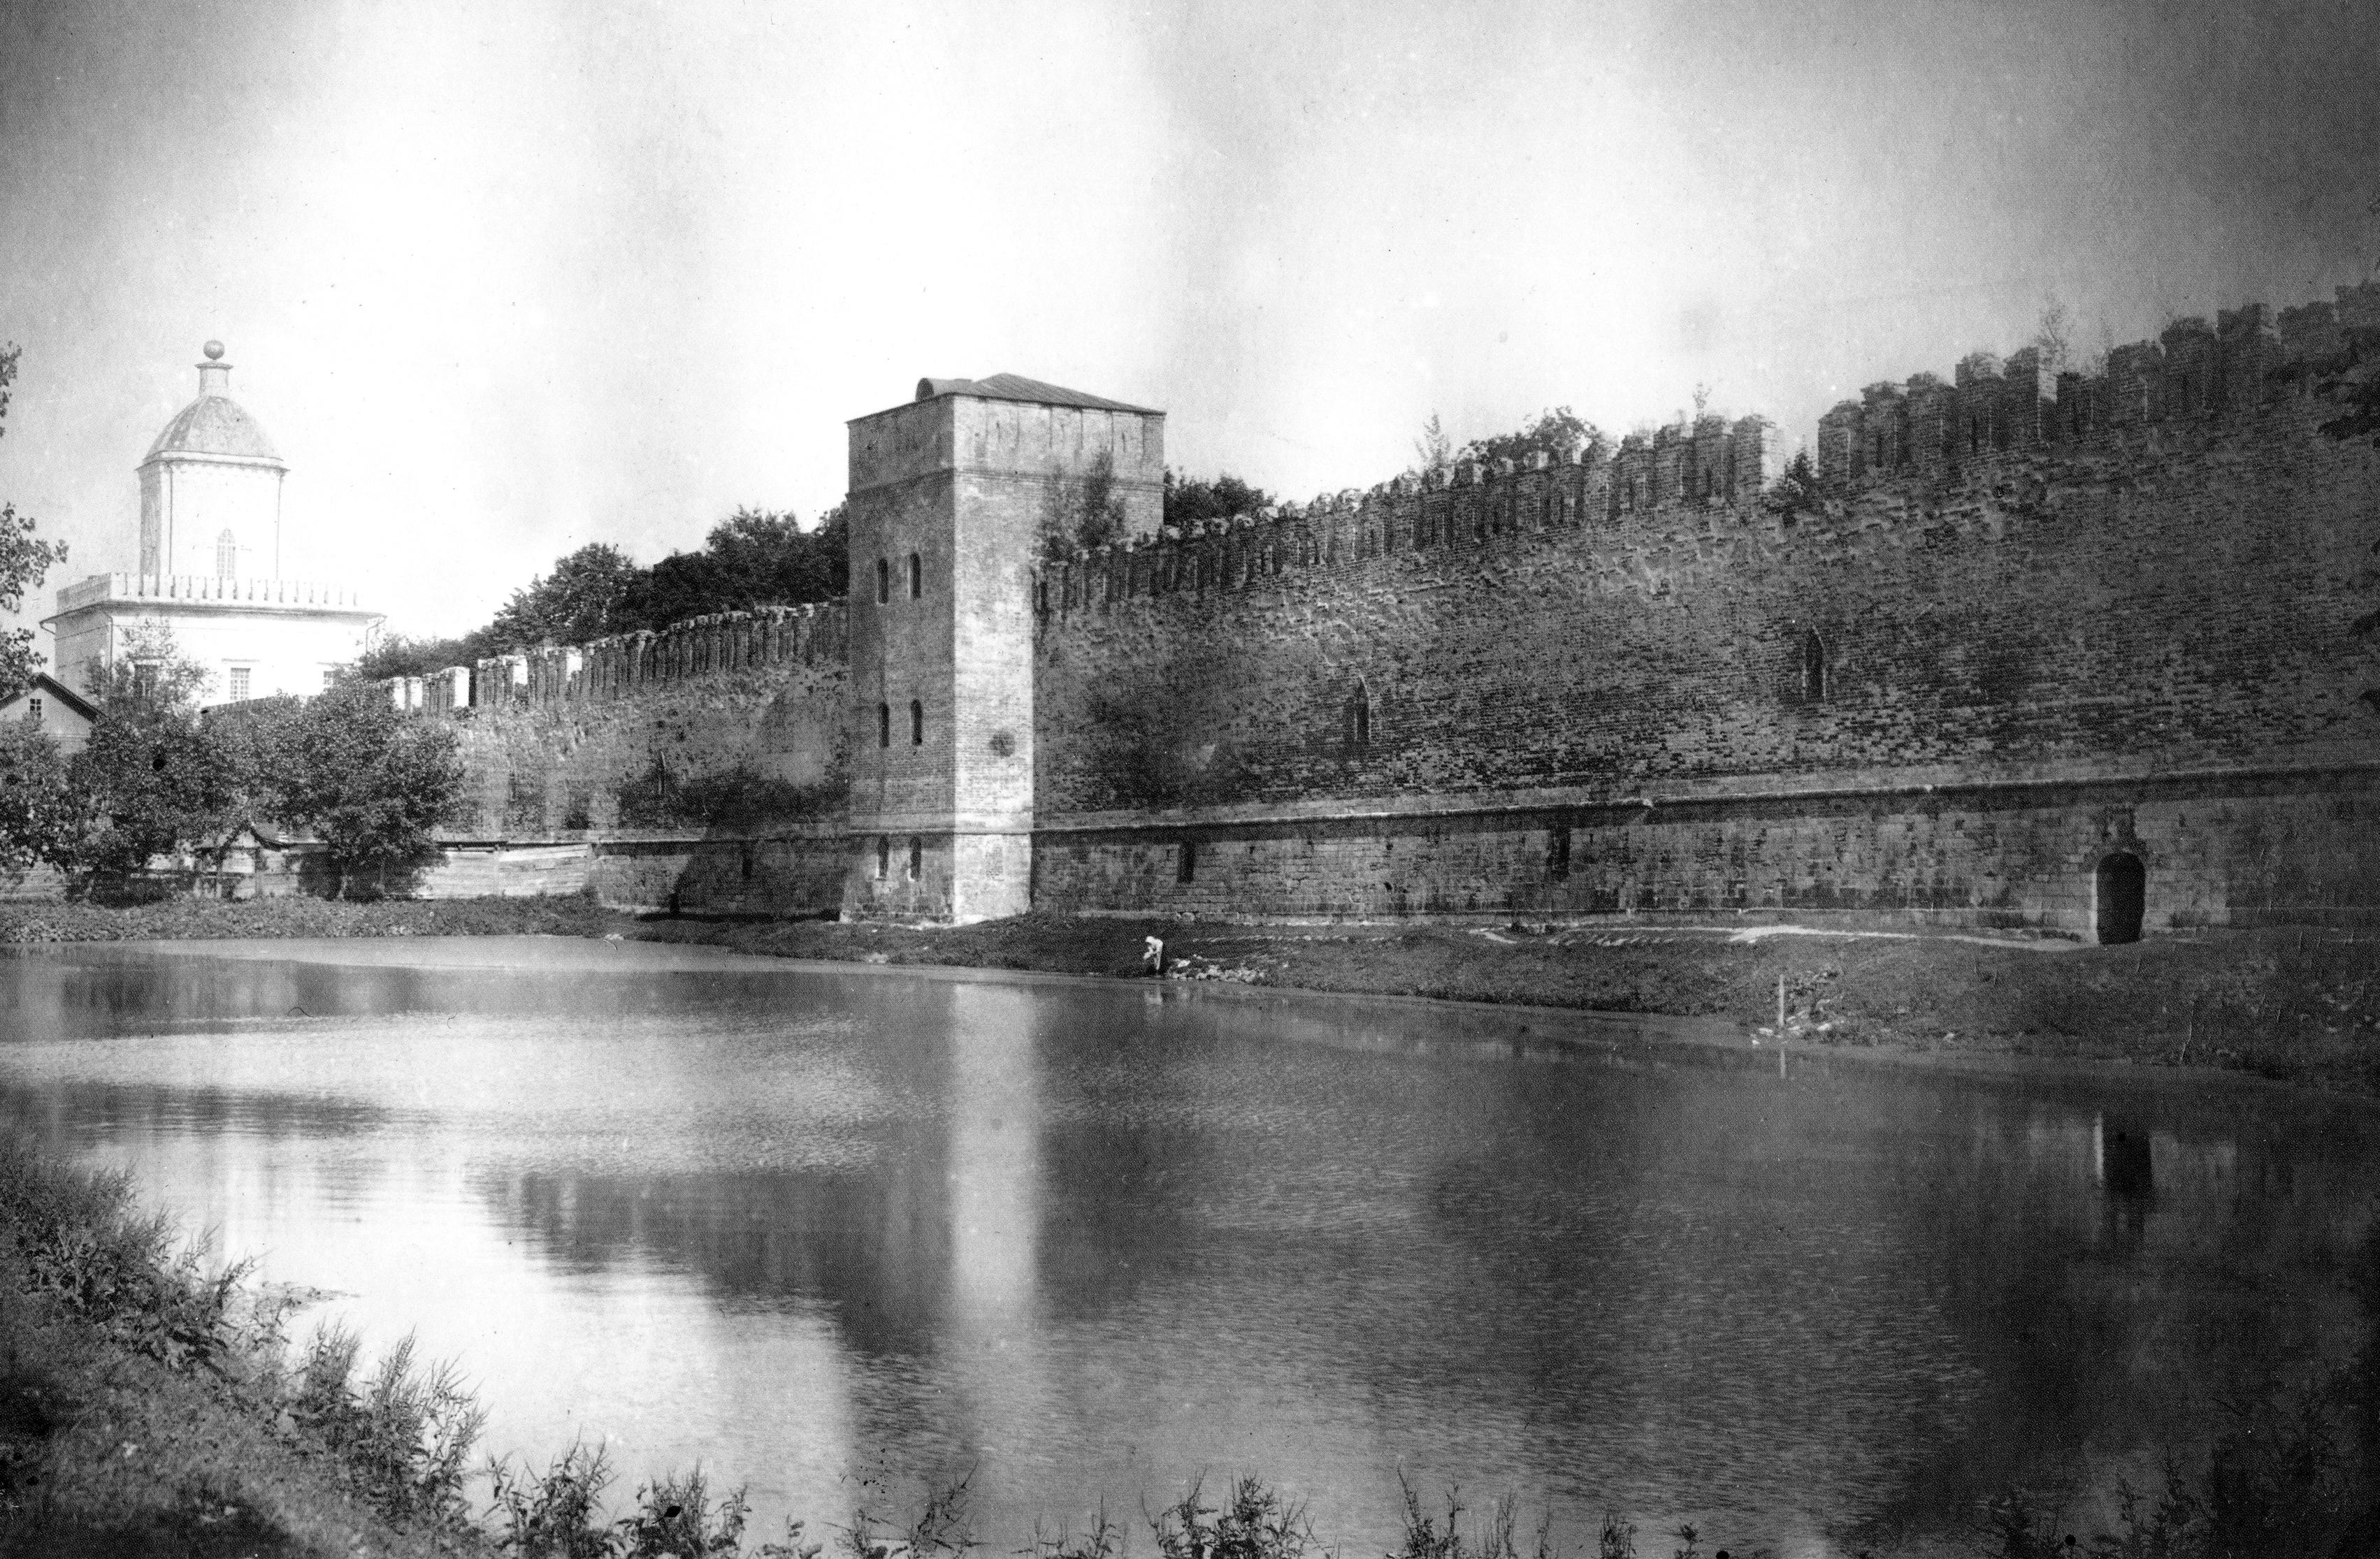 Молоховские ворота, Моховая башня и пруд. 1914